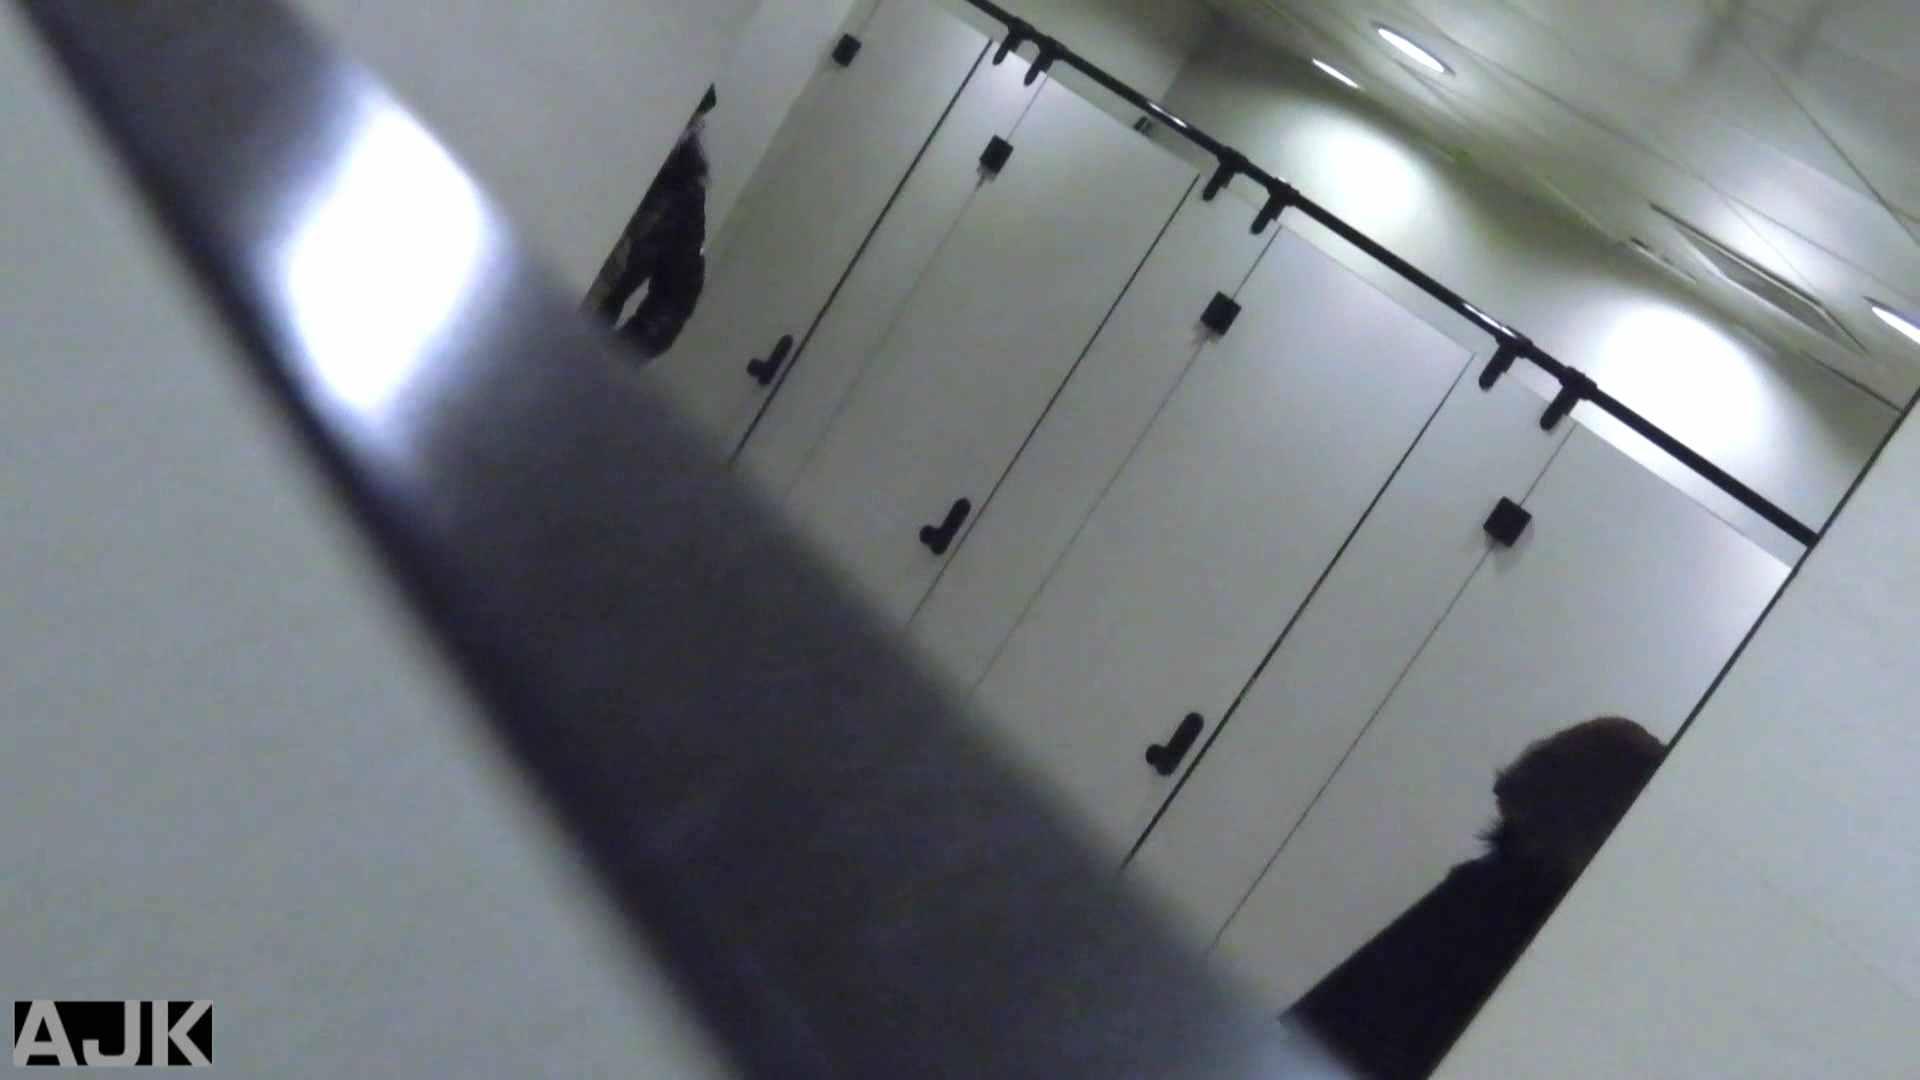 隣国上階級エリアの令嬢たちが集うデパートお手洗い Vol.29 お手洗い  110pic 80